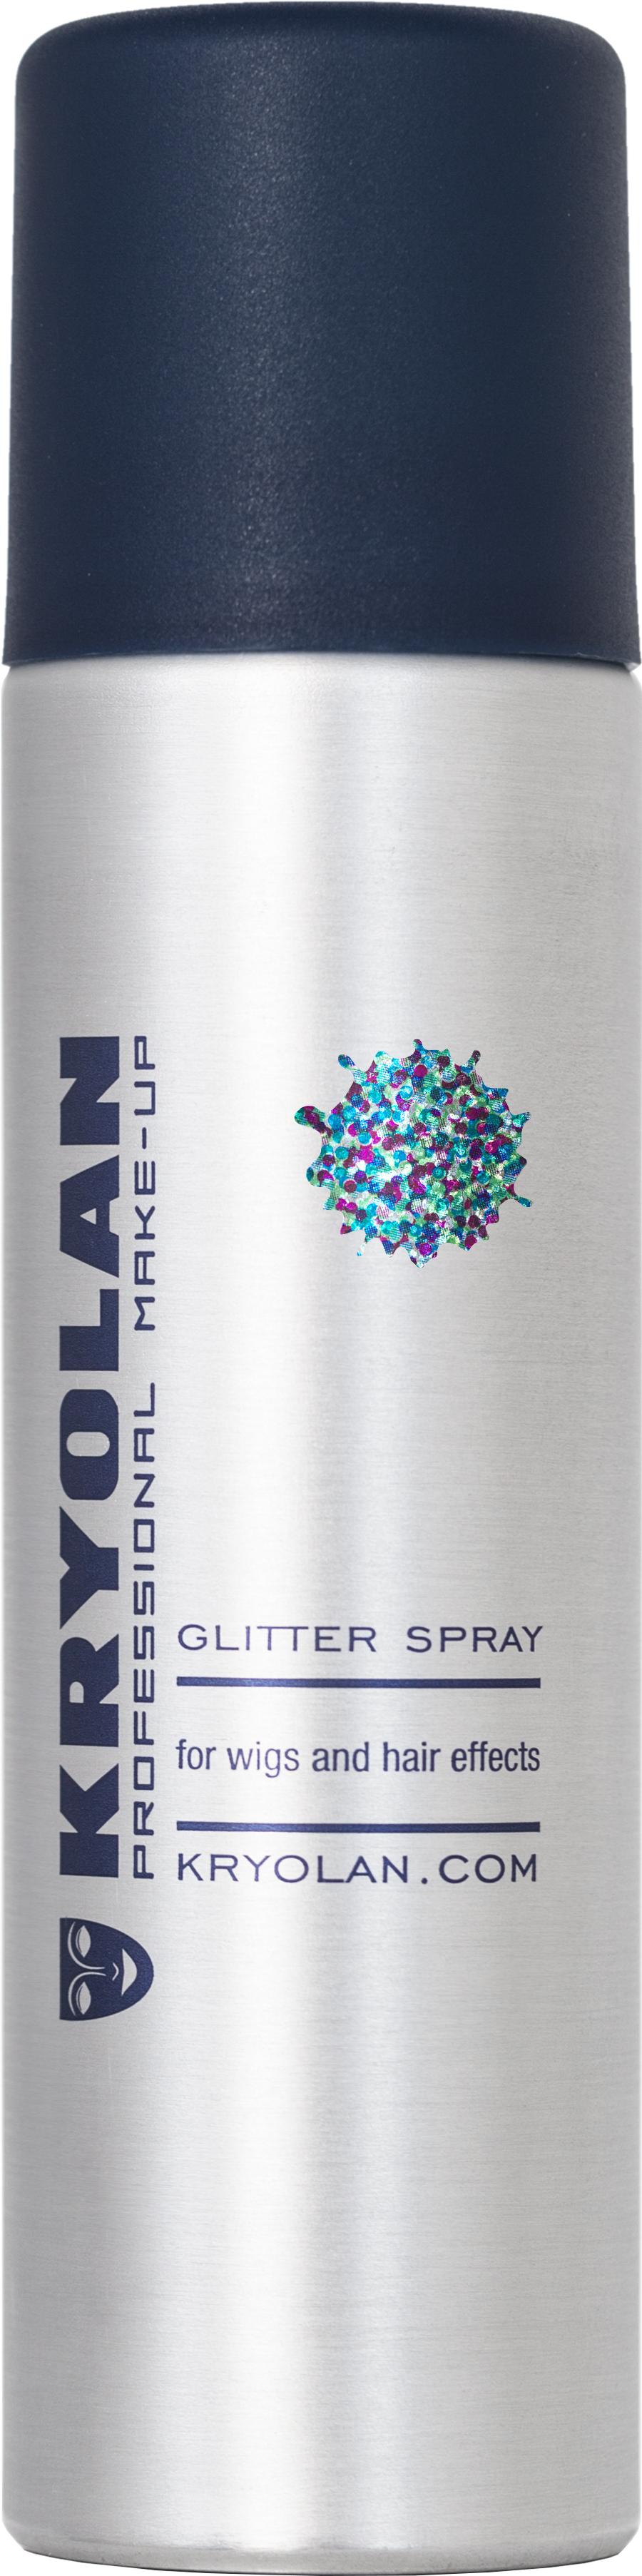 Glitter Spray.jpg